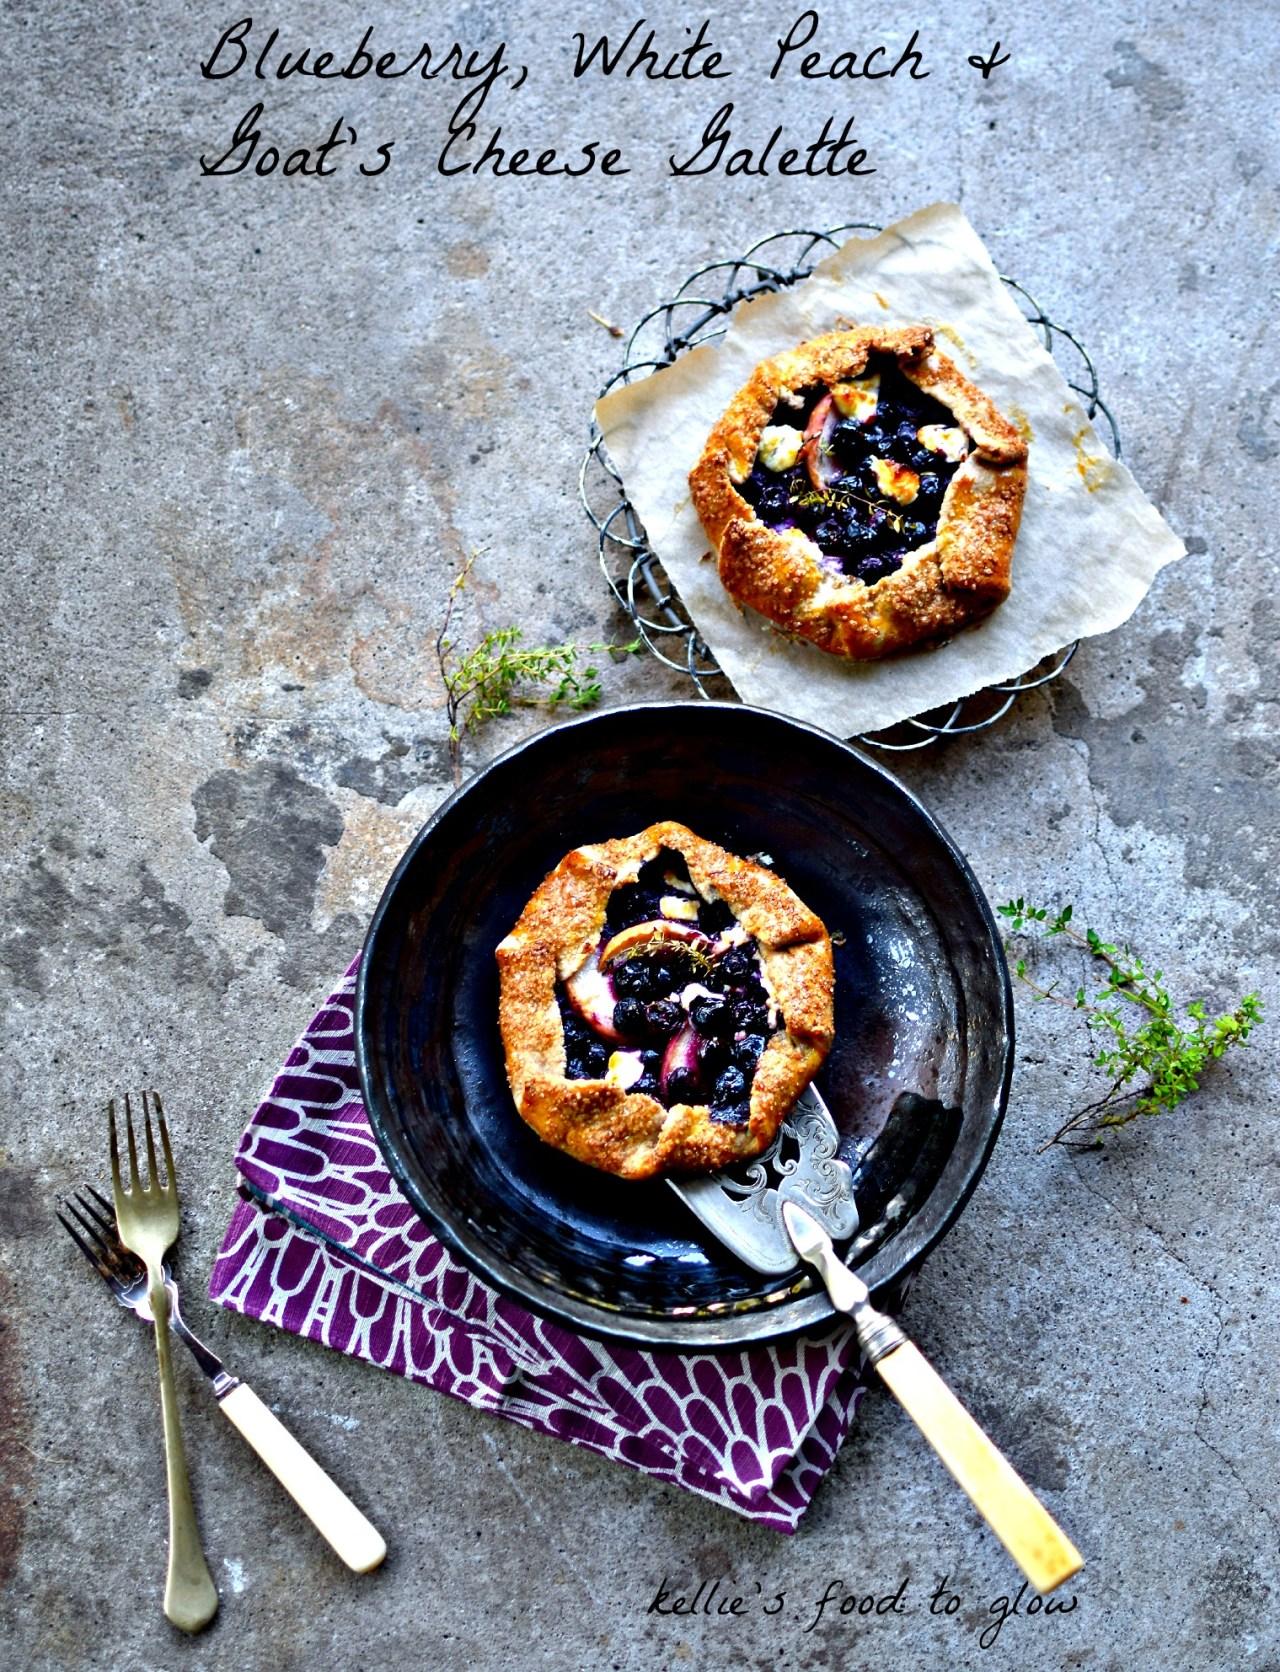 Blueberry Wholegrain Galette